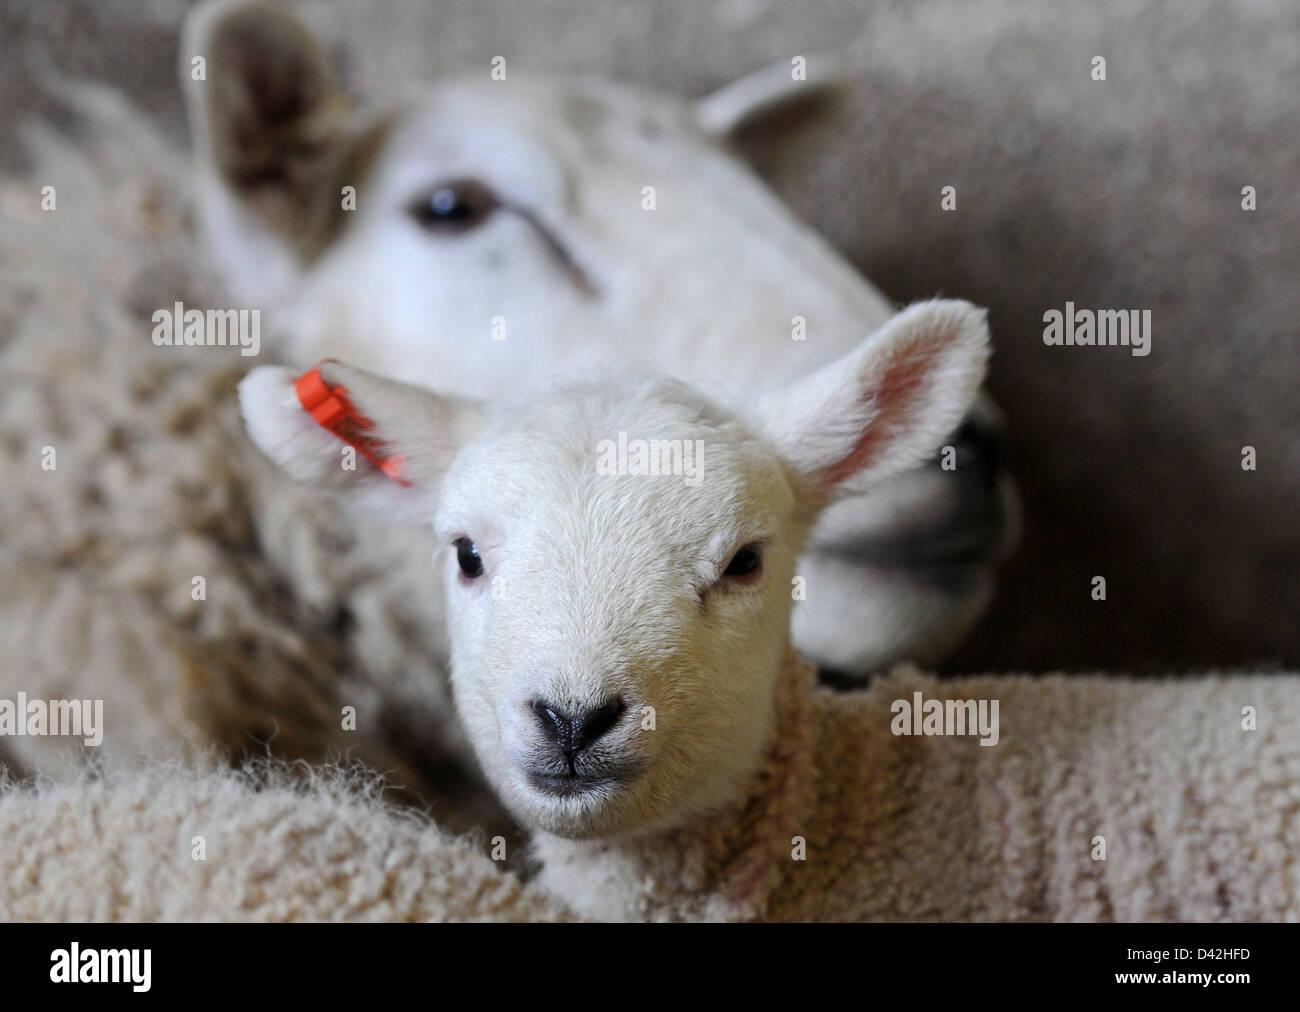 Lamb, lambing, baby sheep, lambs - Stock Image